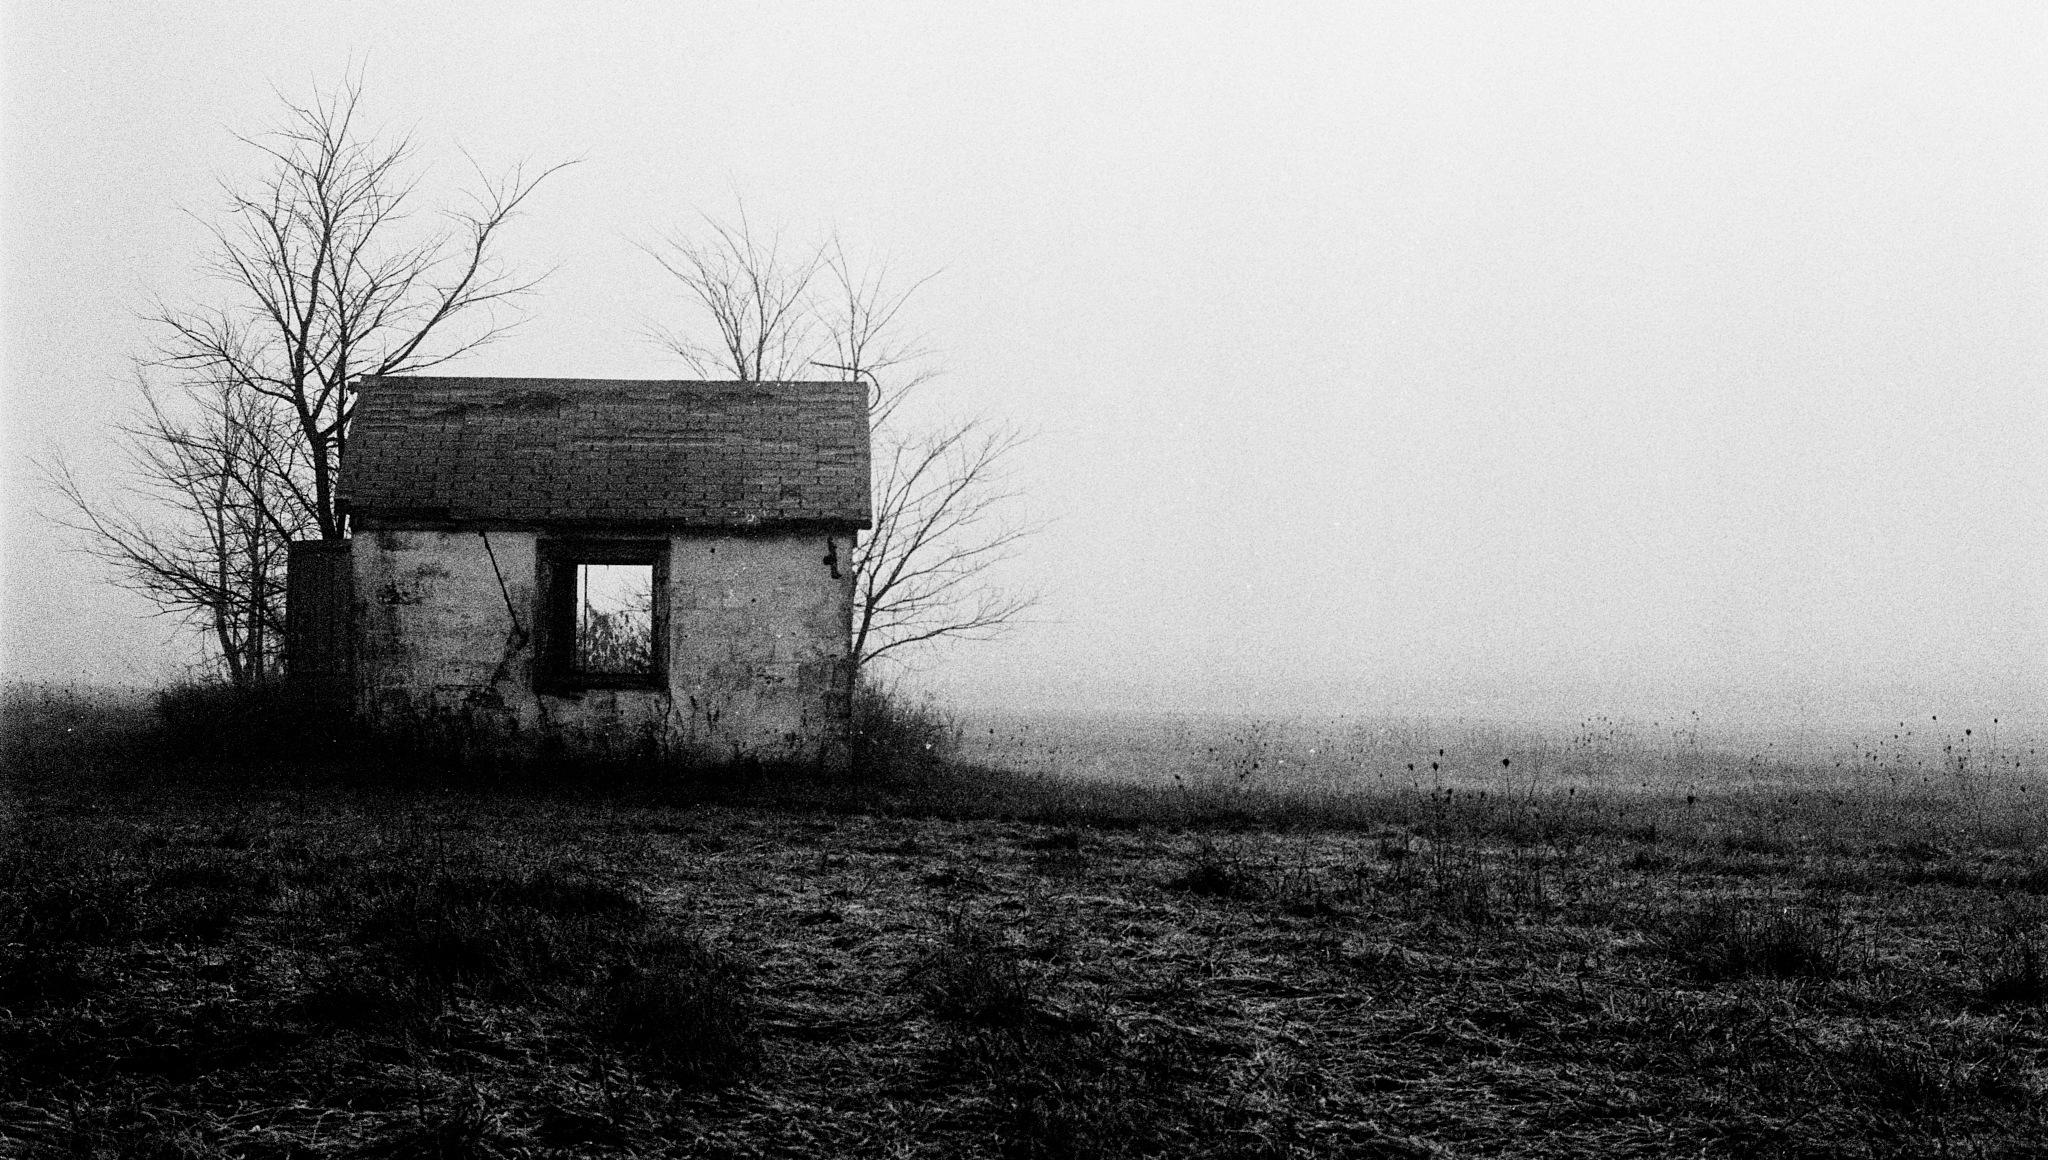 Empty Shack by Nick Mirkovich